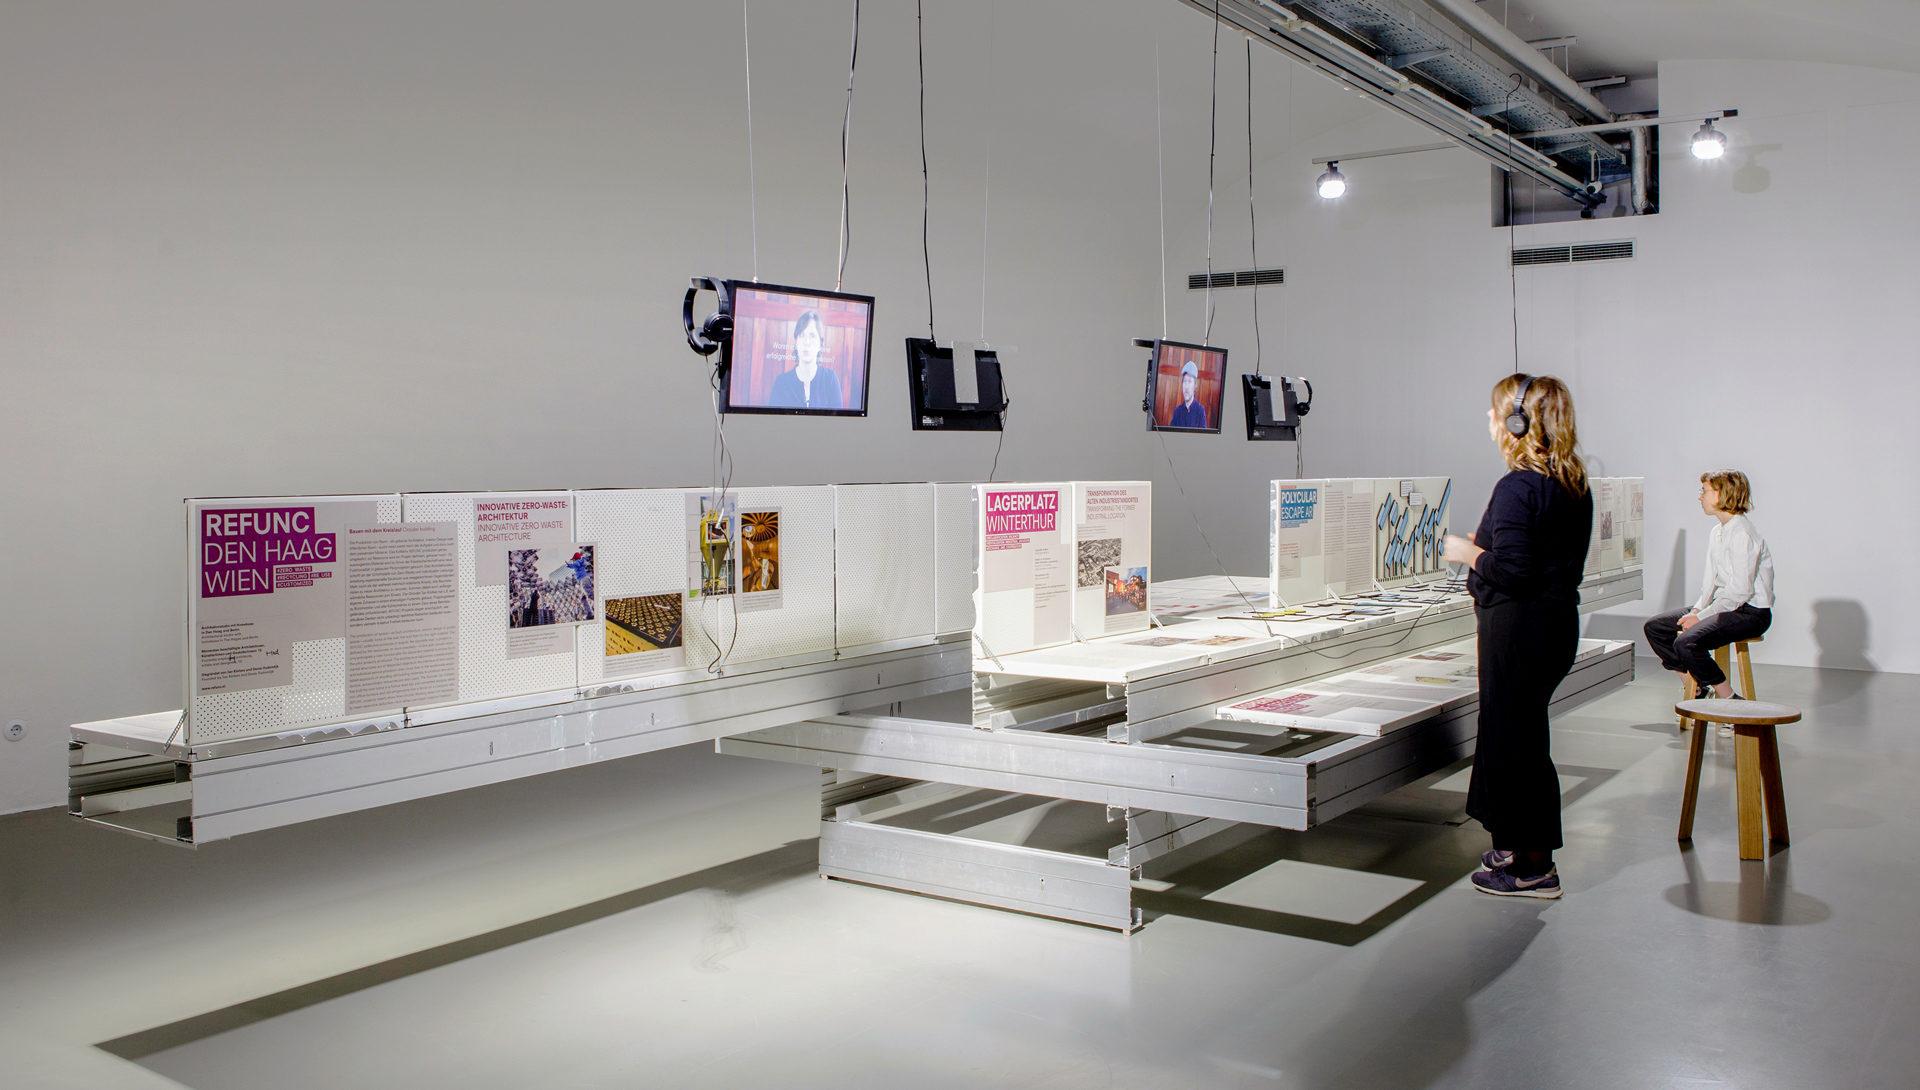 Detailansicht der Ausstellungsszenografie von Future Factory mit Display aus Metallkassetten, Fernsehern, Kopfhörern und Besucherinnen